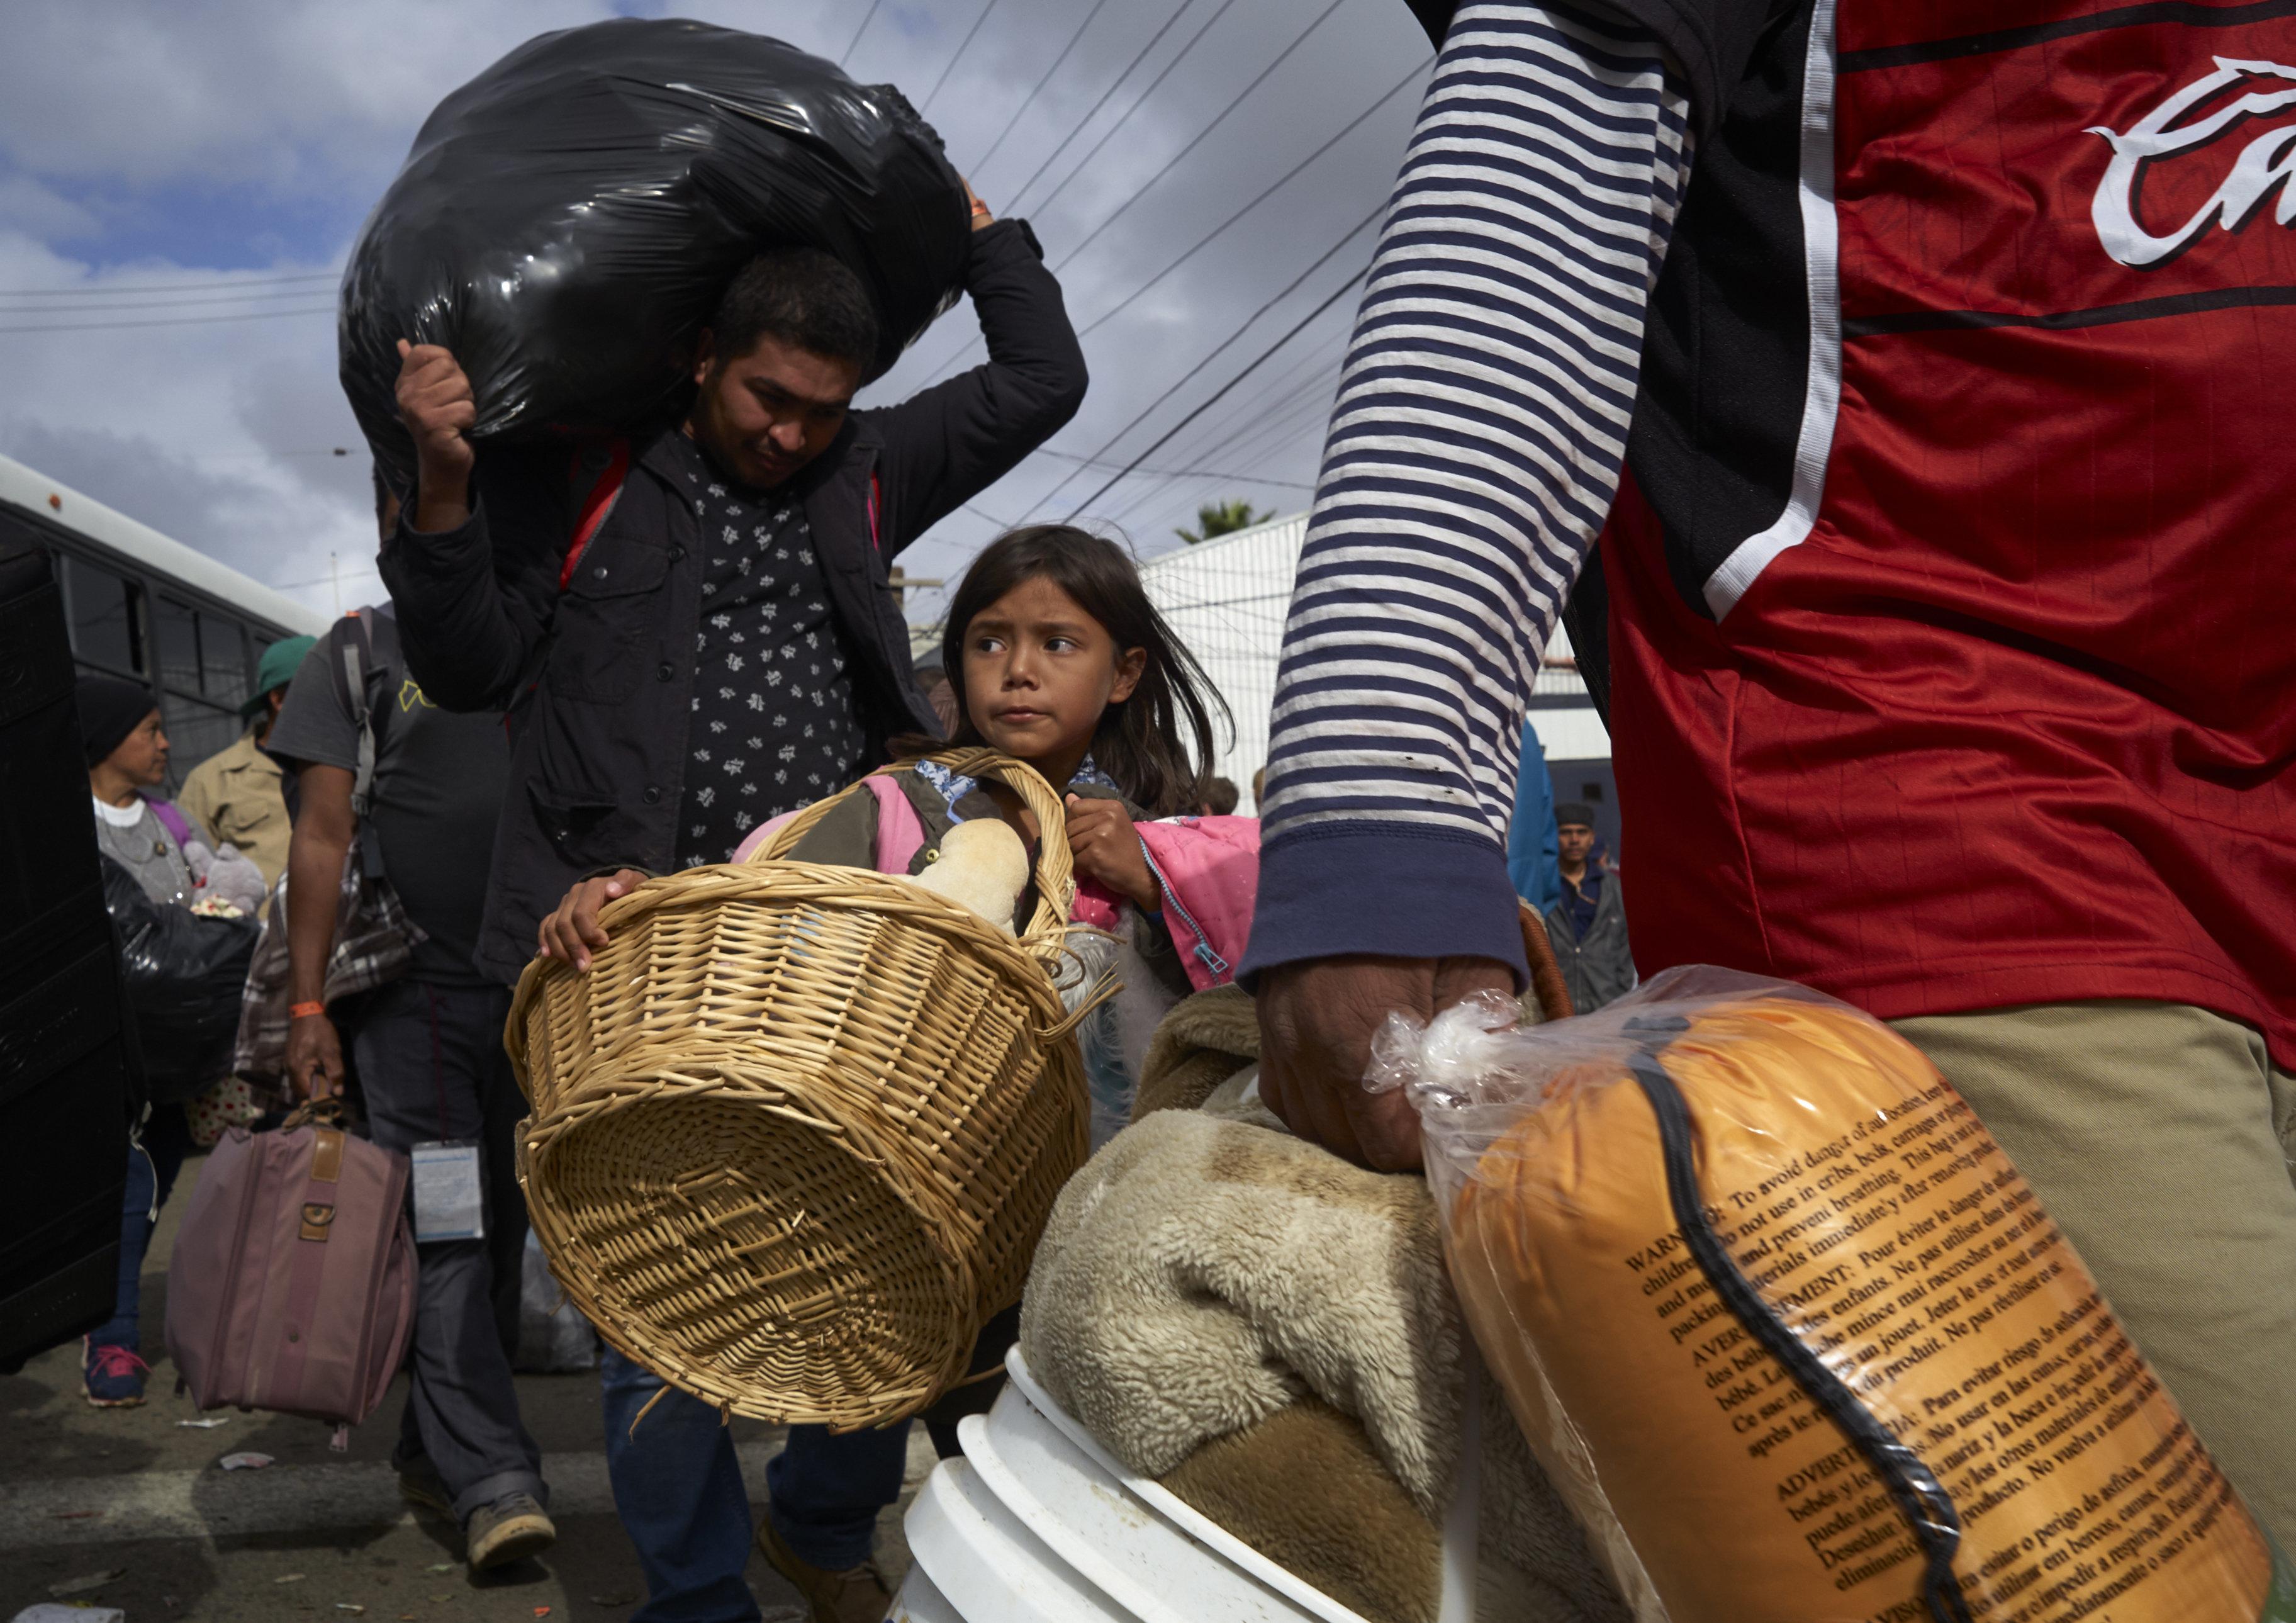 «Σχέδιο Μάρσαλ» από Μεξικό και χώρες της Κεντρικής Αμερικής για μπει φρένο στη